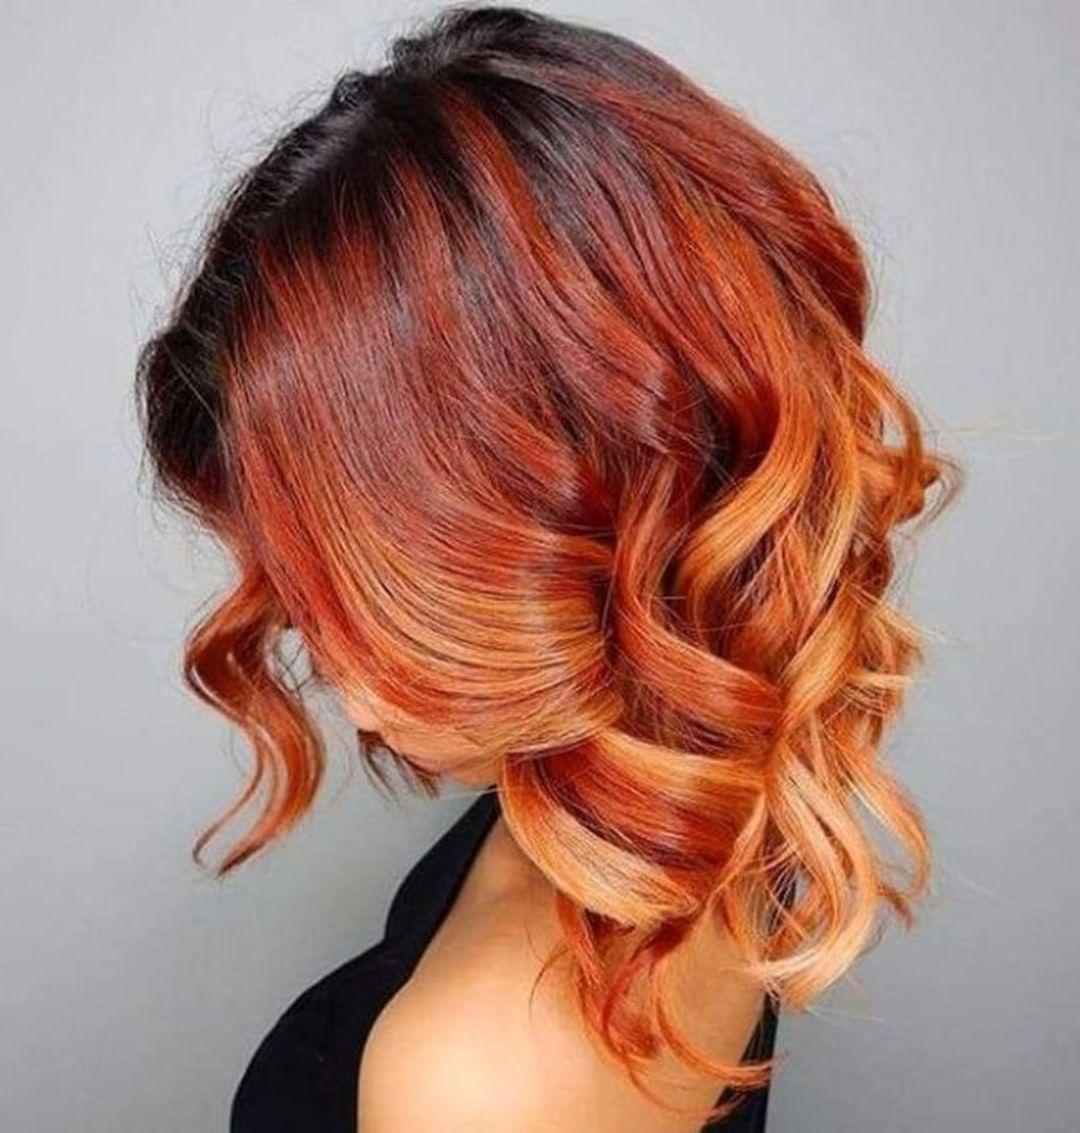 Балаяж на средние волосы: фото 3